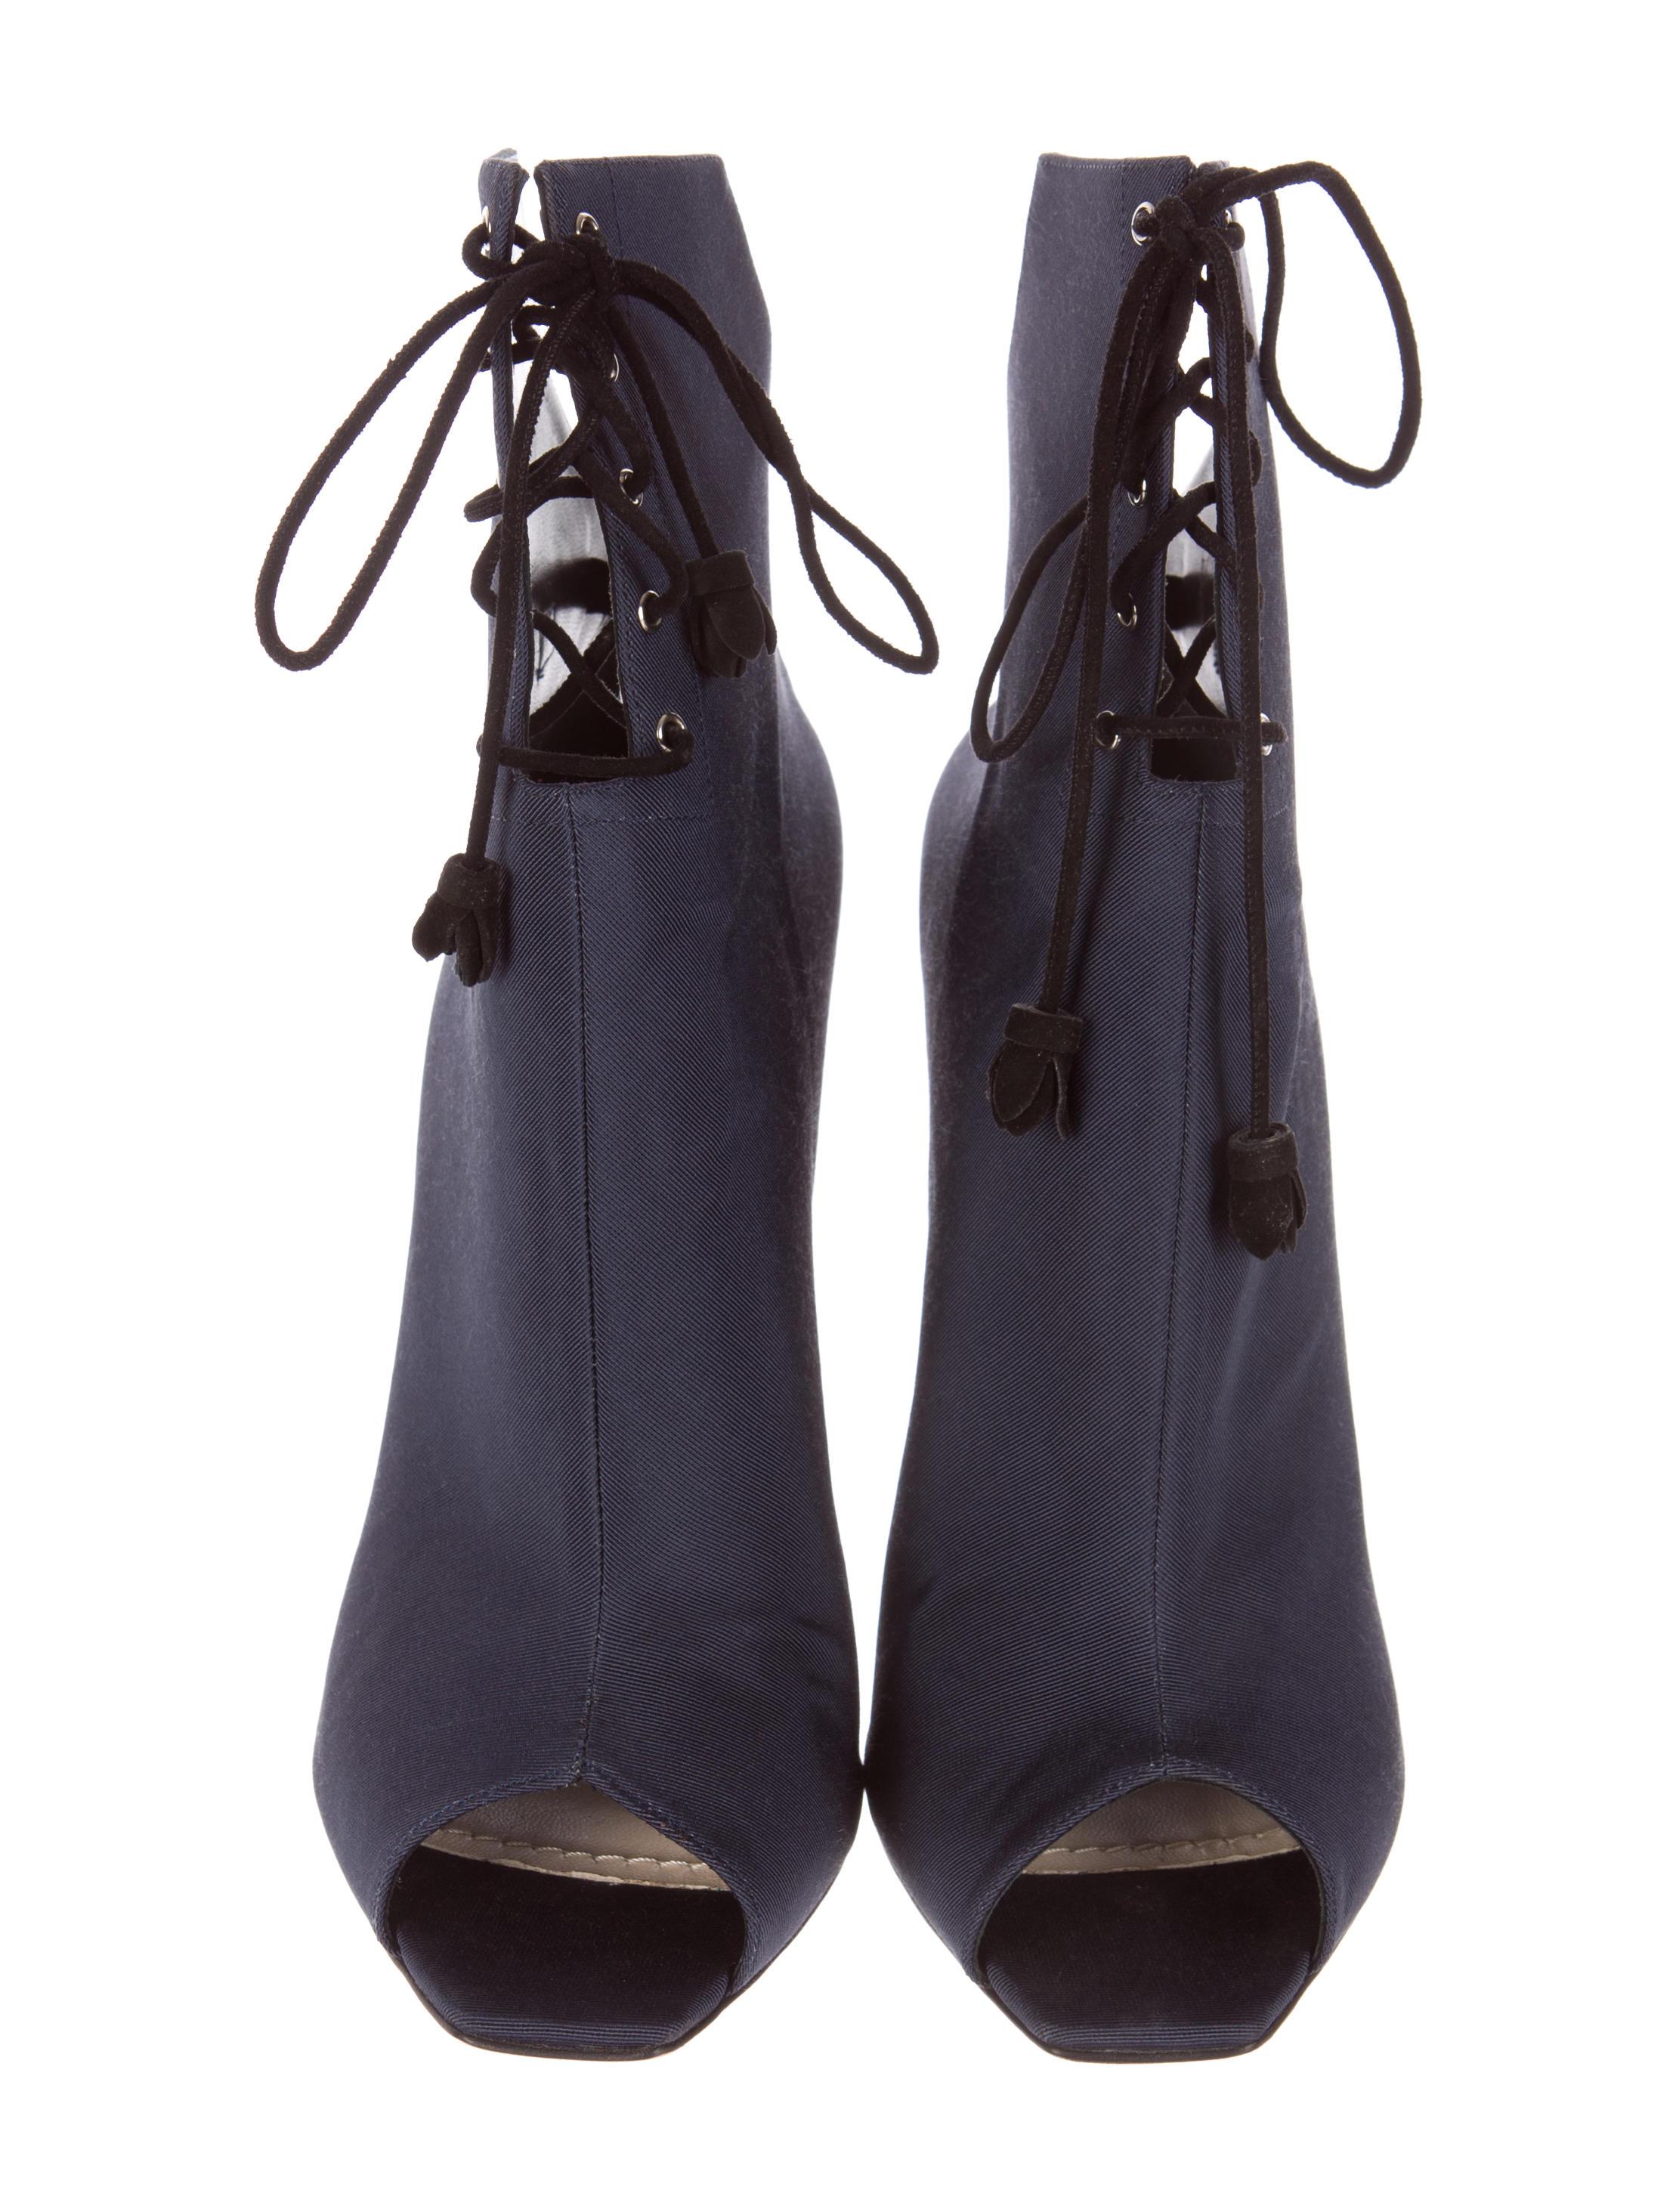 Christian Dior via the RealReal. Buy  here .